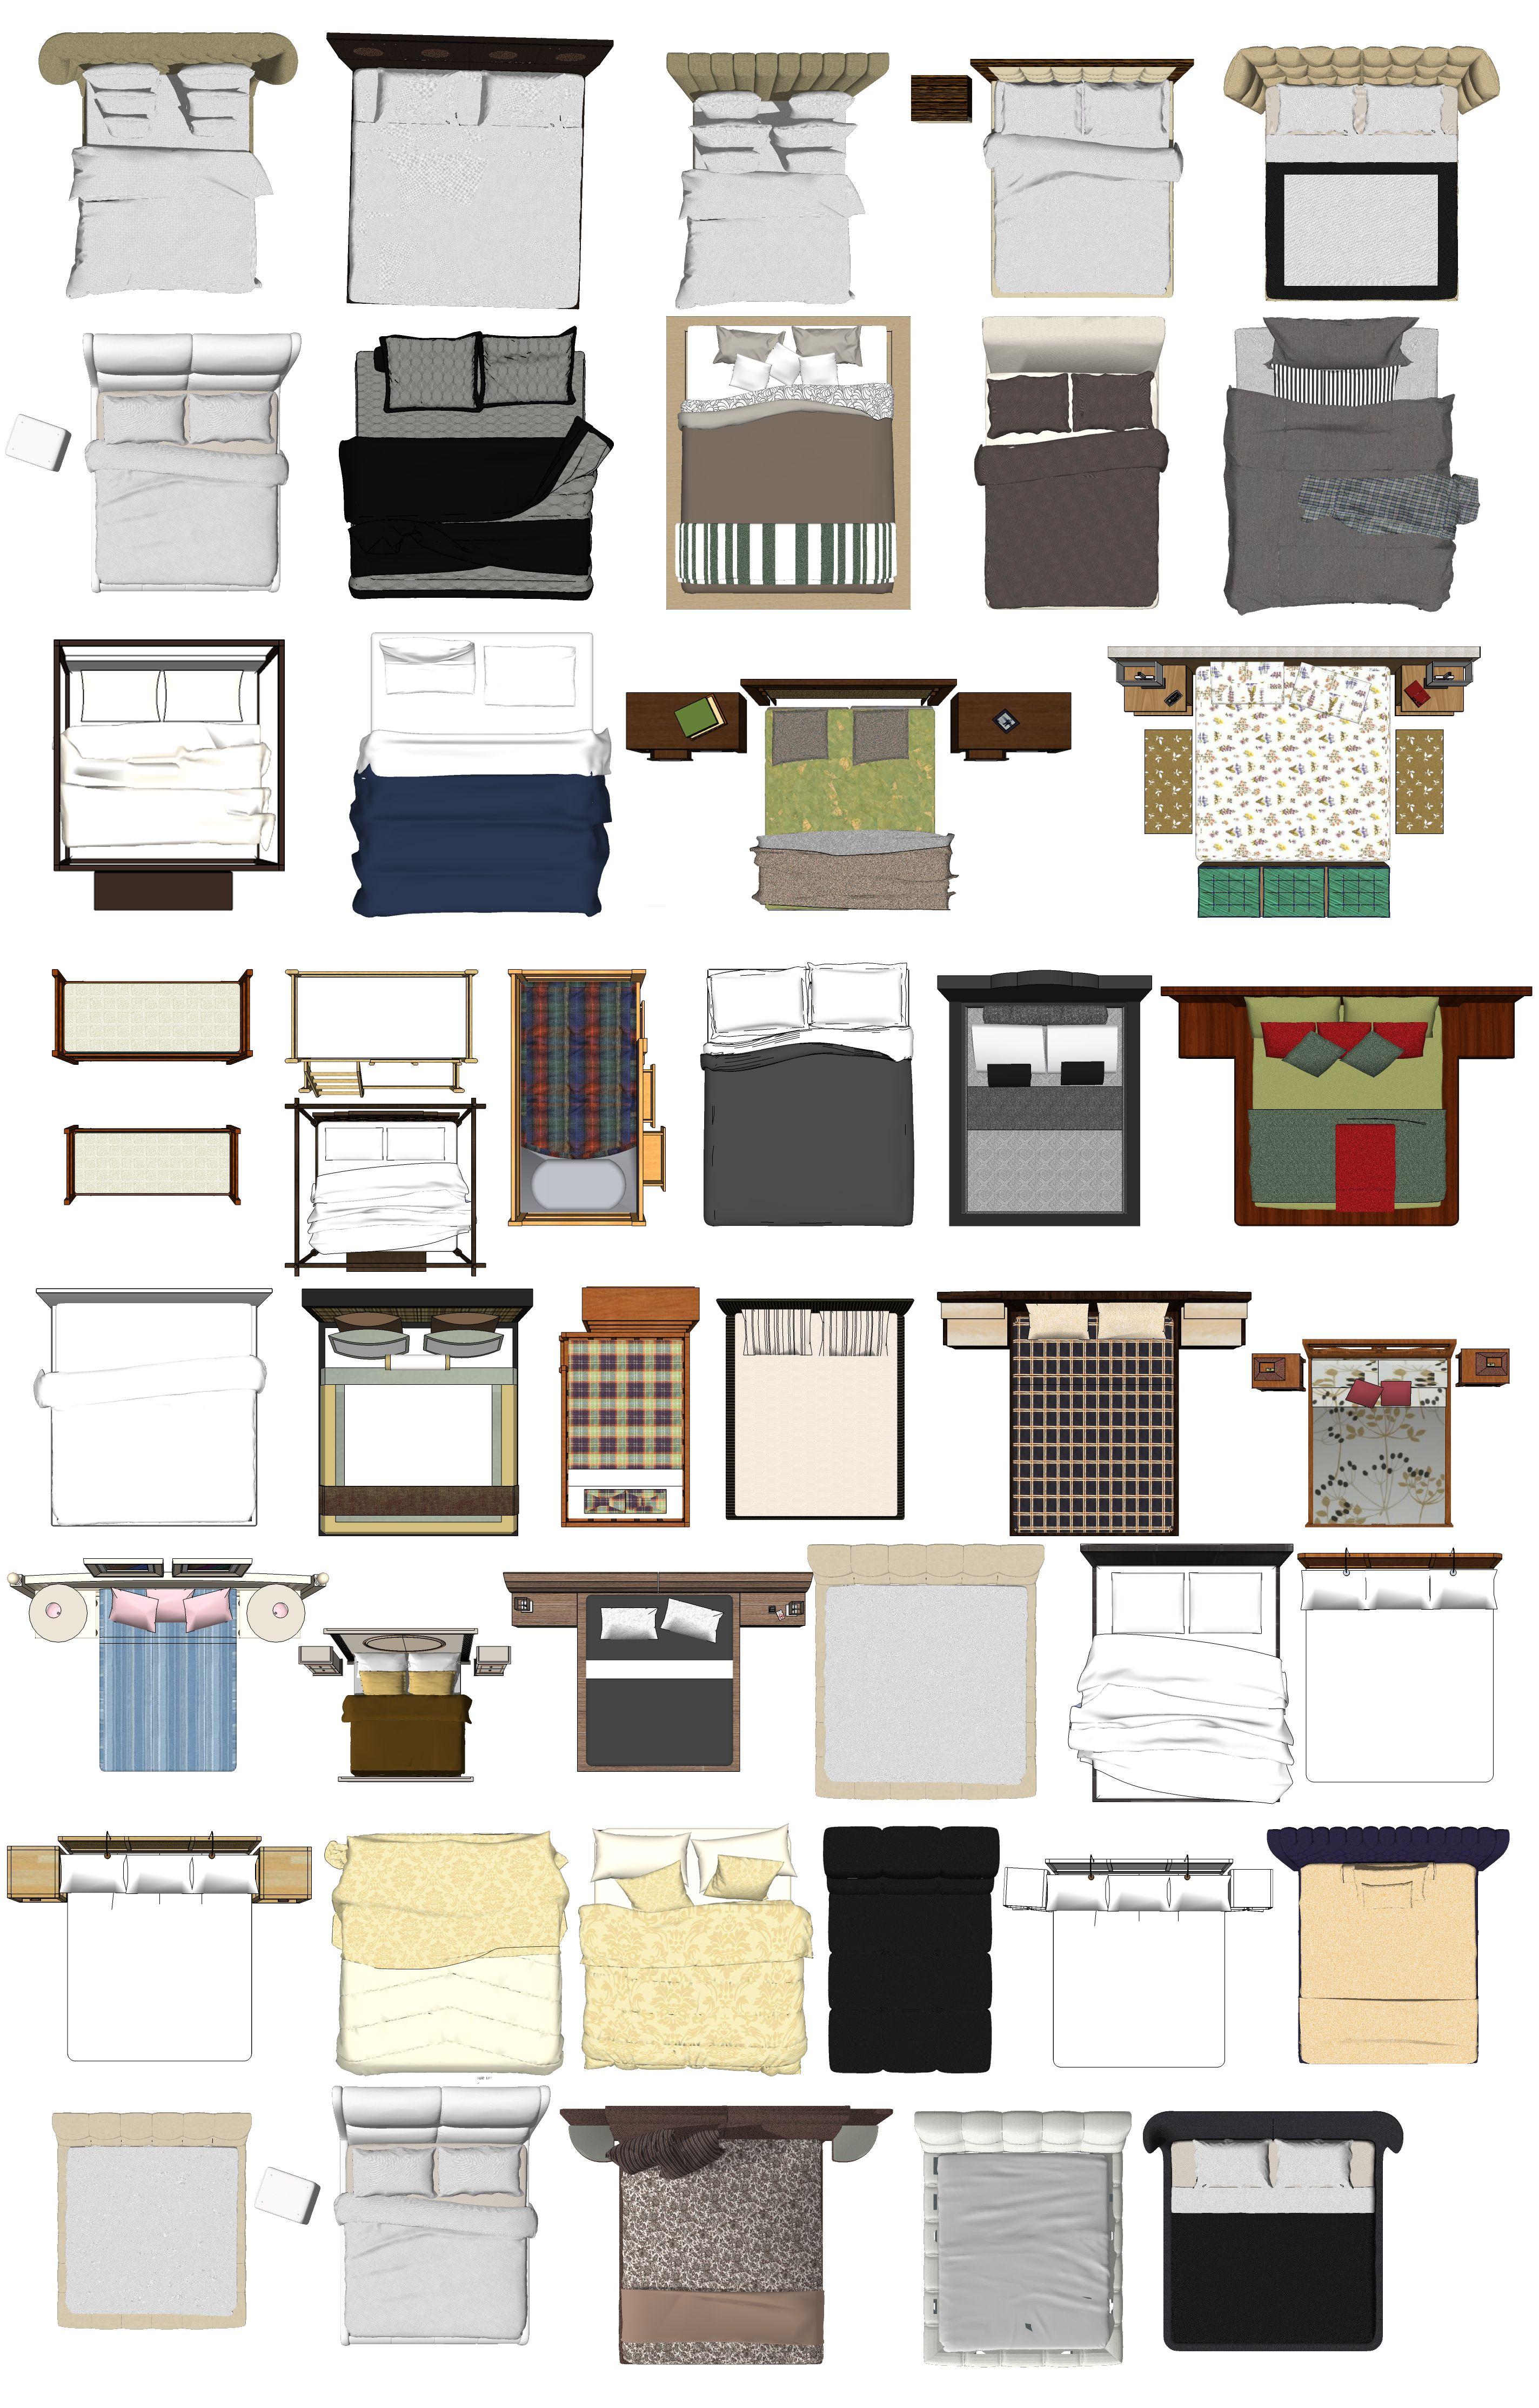 Bed blocks 2 arredi in pianta planimetrie di case for Software progettazione giardini 3d free